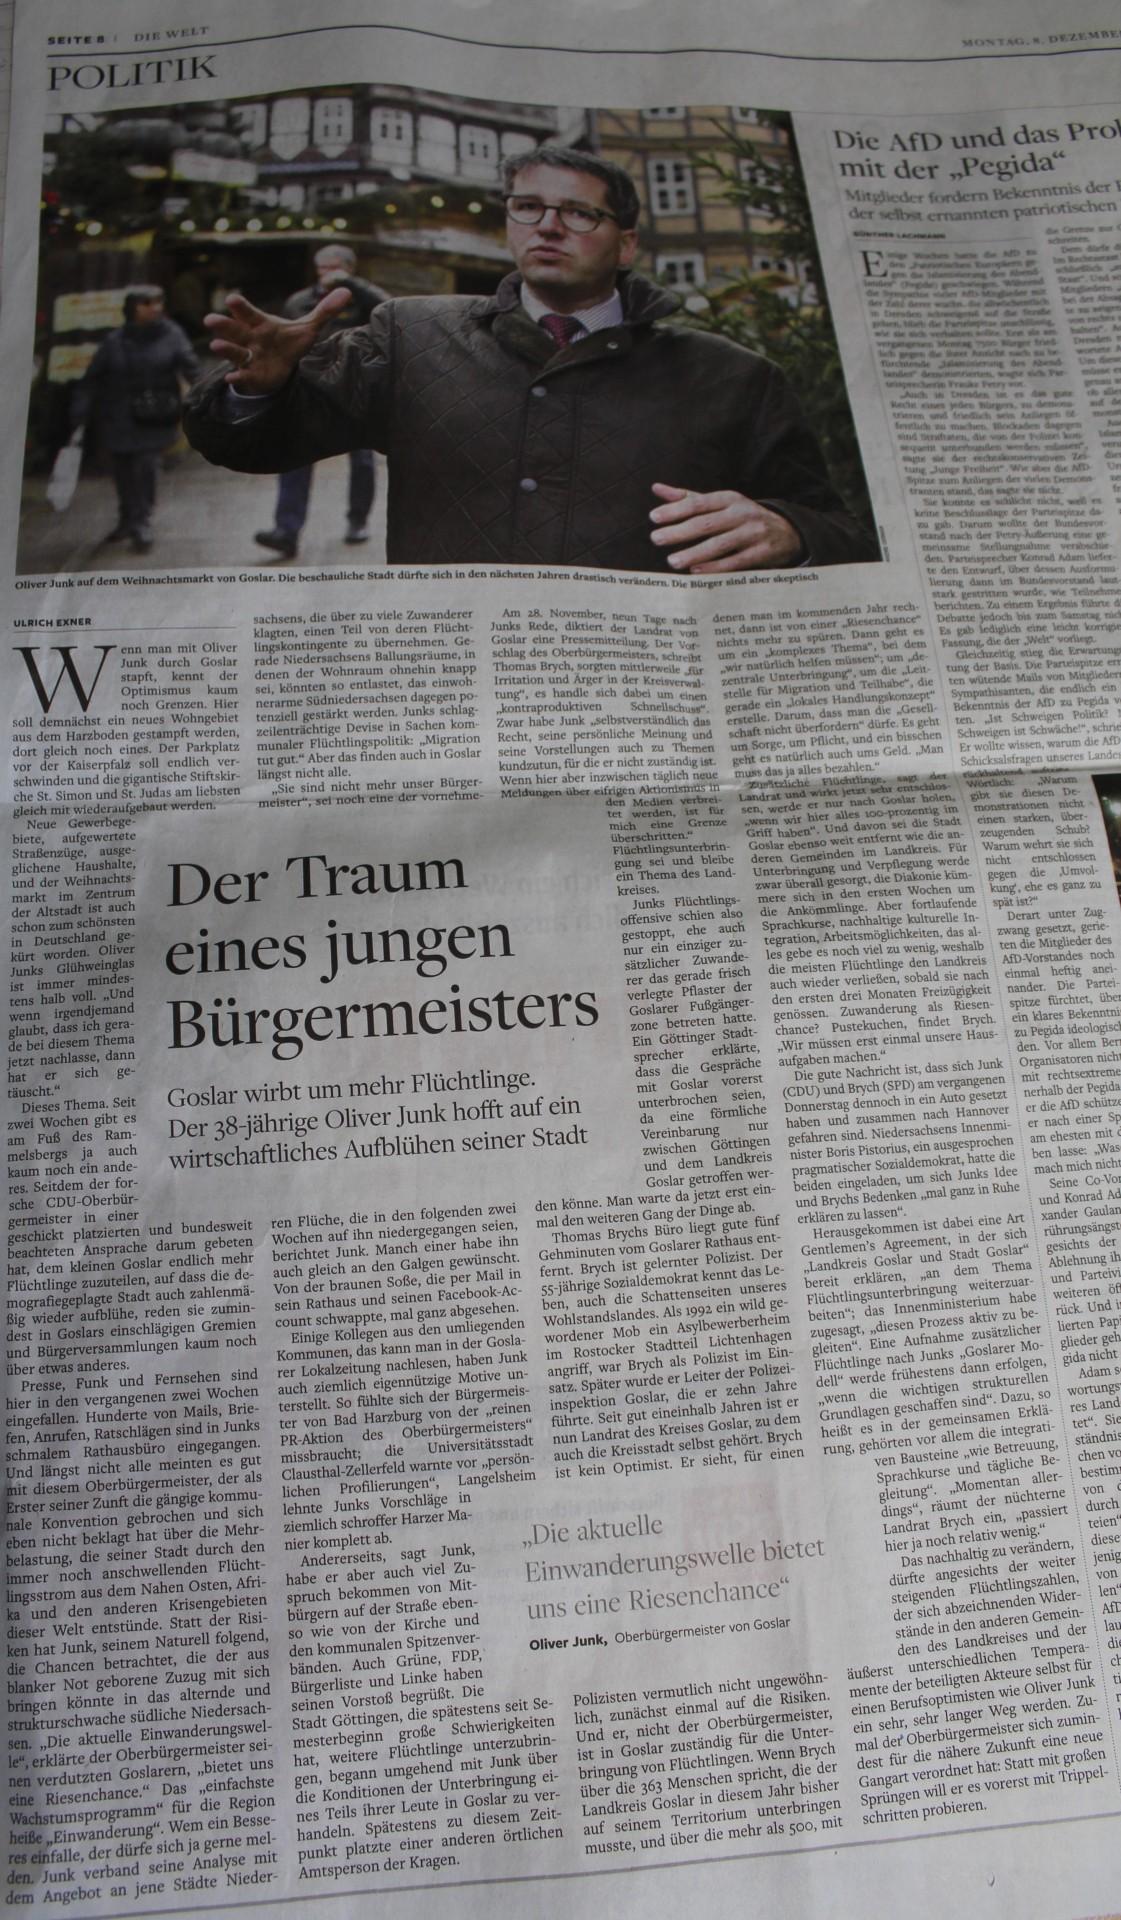 WELT vom 08.12.2014    http://www.welt.de/print/welt_kompakt/article135122645/Der-Traum-eines-jungen-Buergermeisters.html